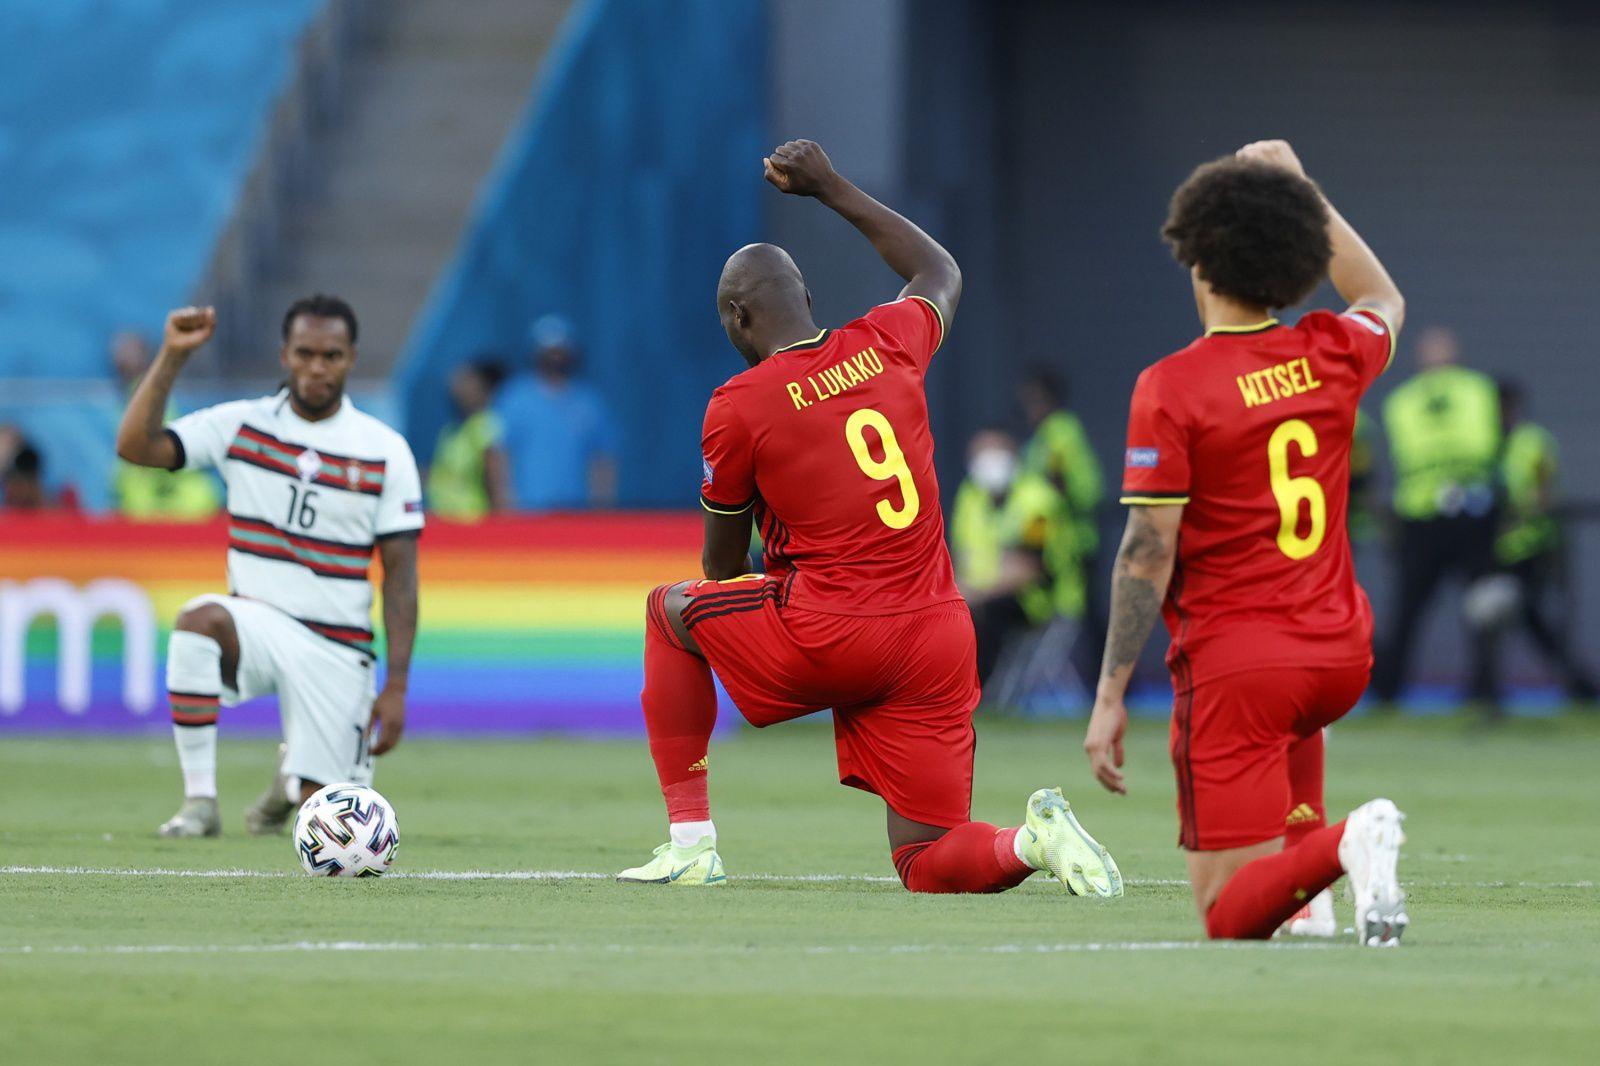 EN IMAGES/L'attaquant portugais fait ses adieux avec une prestation terne au Championnat d'Europe, après une phase de groupes au cours de laquelle il a marqué à chaque match.